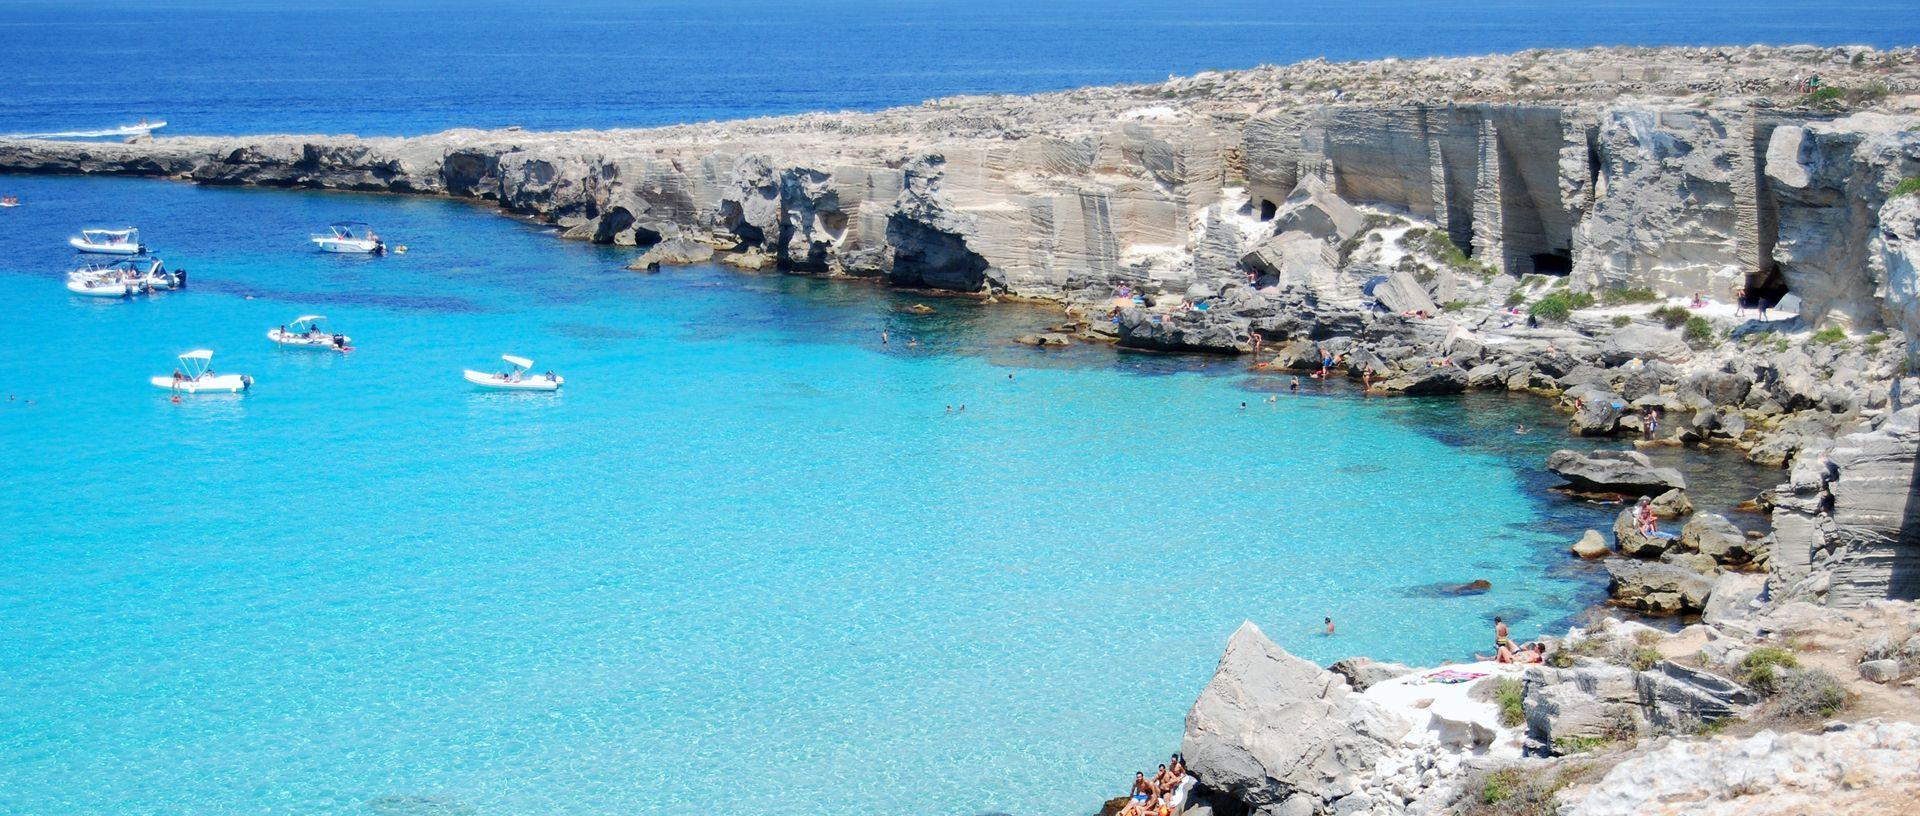 Imagini pentru palermo sicilia